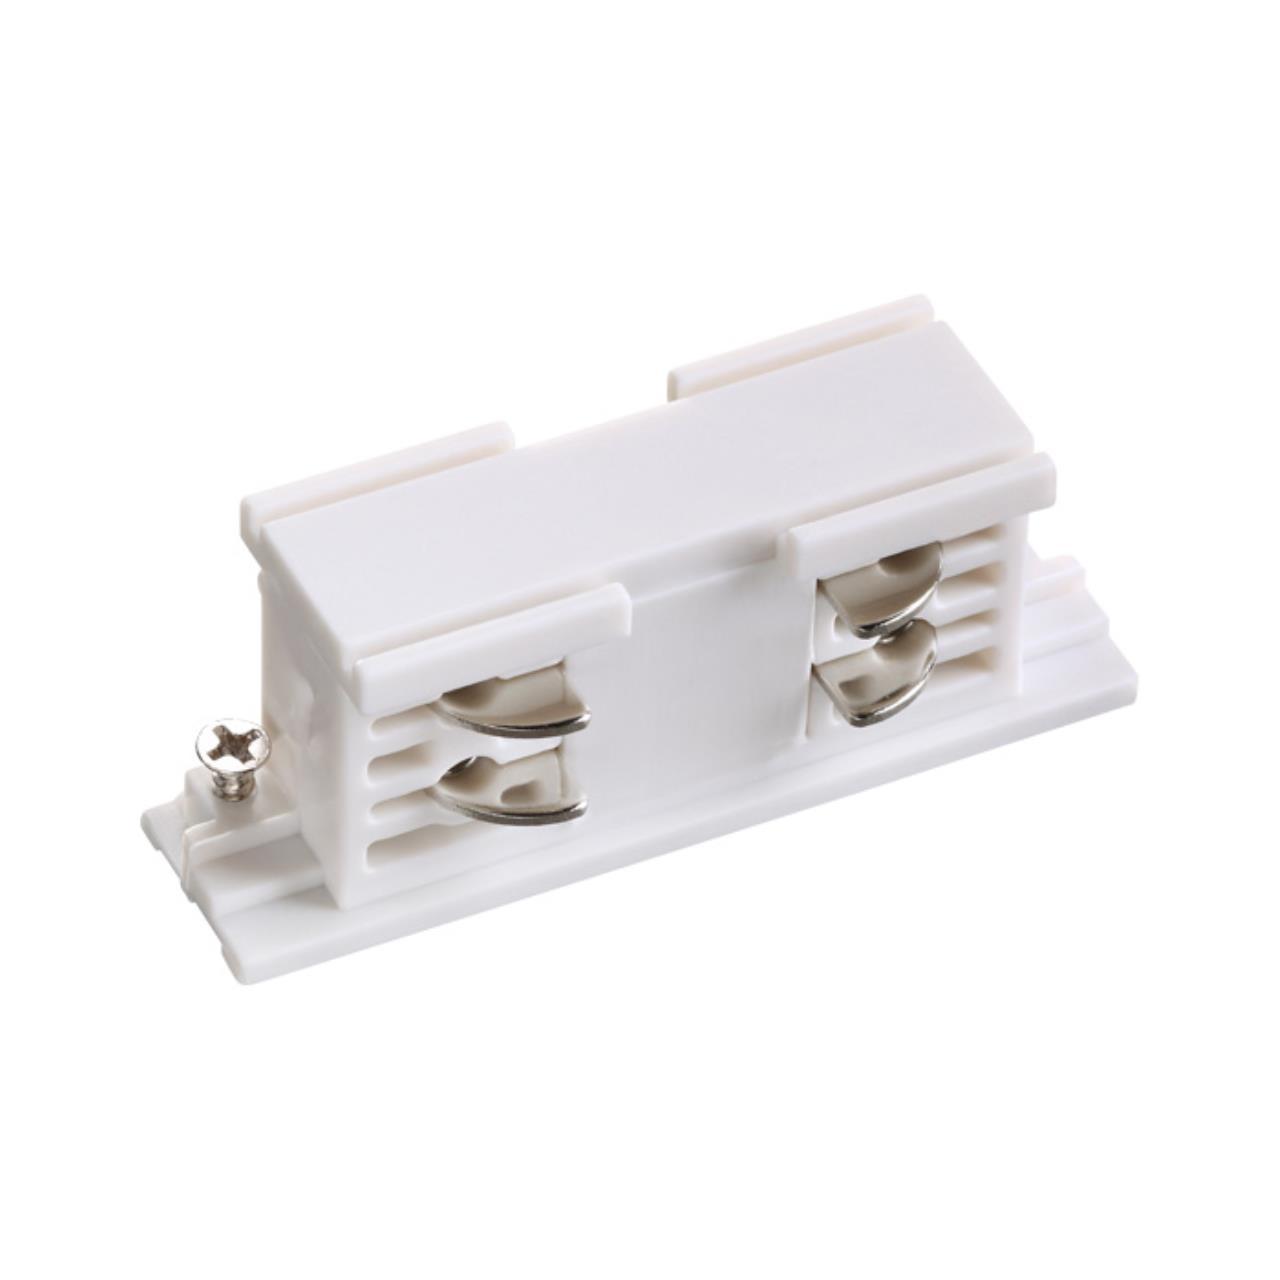 135042 PORT NT19 012 белый Соединитель внутренний с токопроводом для трехфазного шинопровода IP20